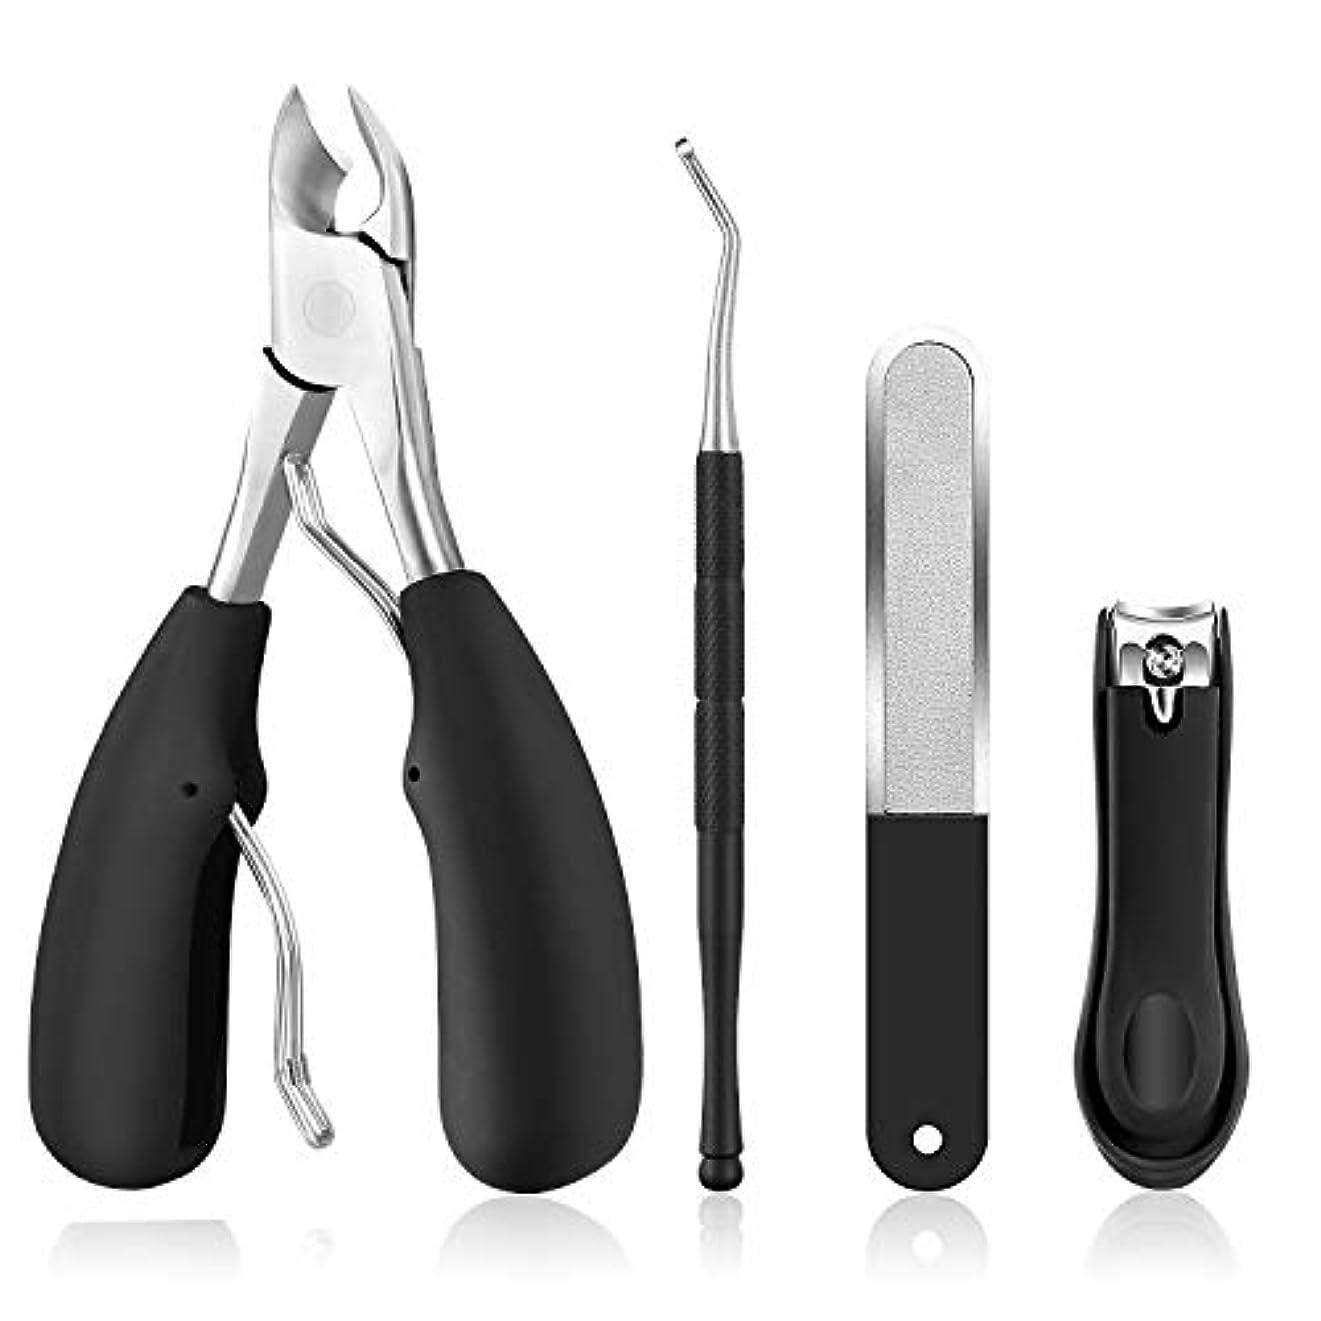 ディスコ破裂愛撫4本セット 爪切り ニッパー ニッパー型爪切り ダブルバネデザイン